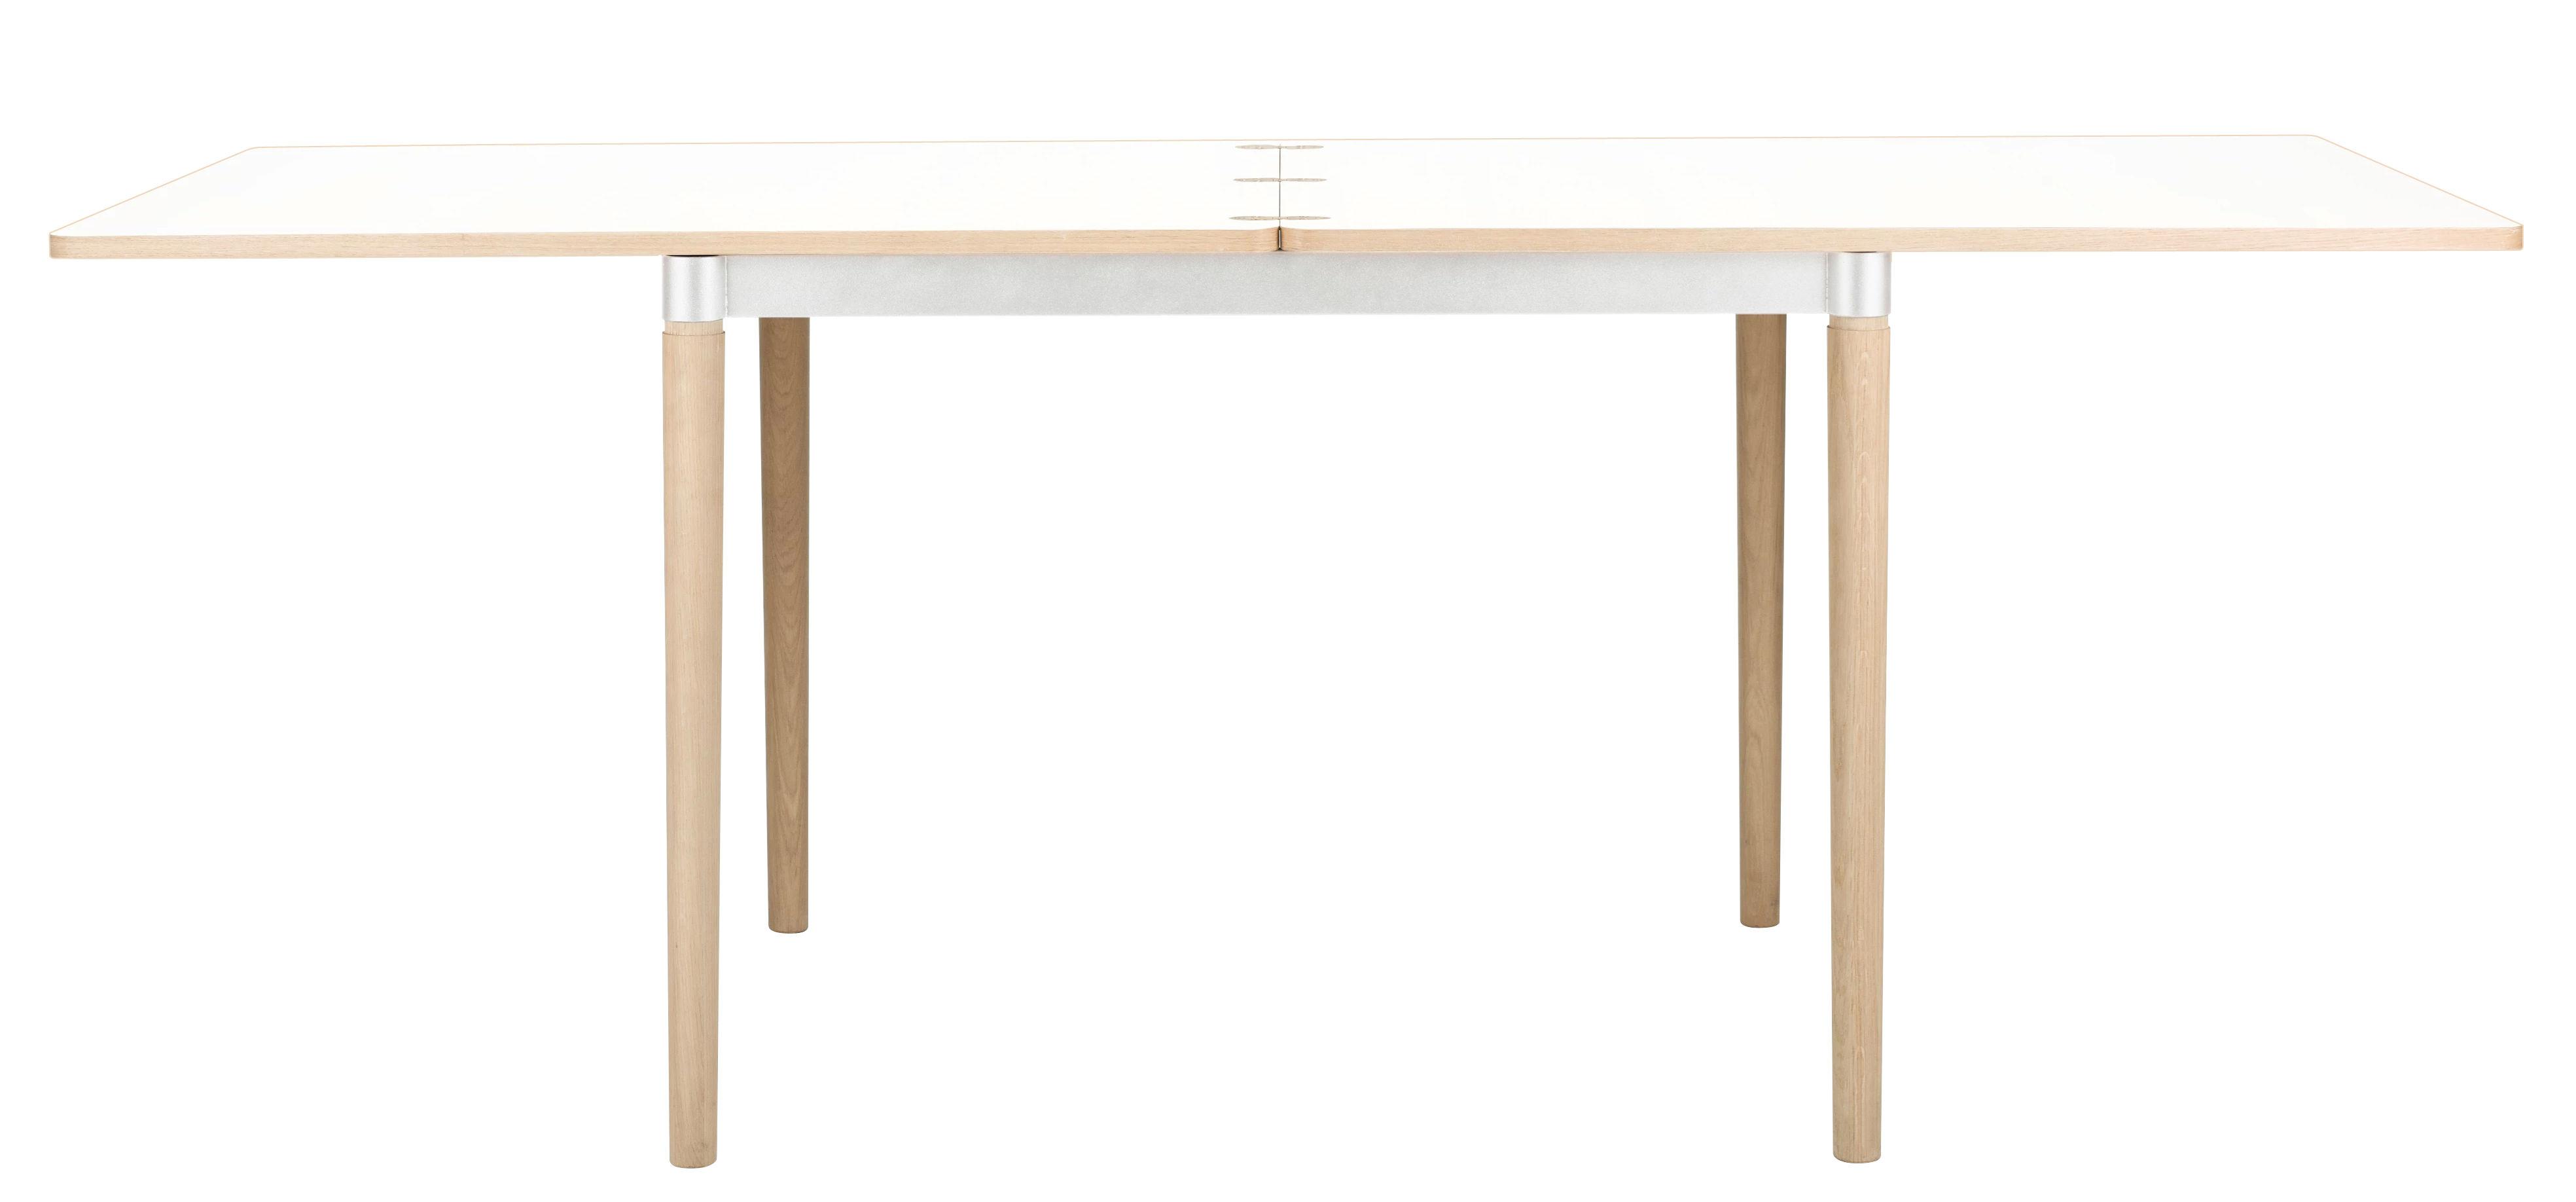 Tendances - Espace Repas - Table à rallonge Double up / L 96 à 192 cm - Bolia - Blanc / Pieds chêne - Acier verni, Chêne massif blanchi, Stratifié